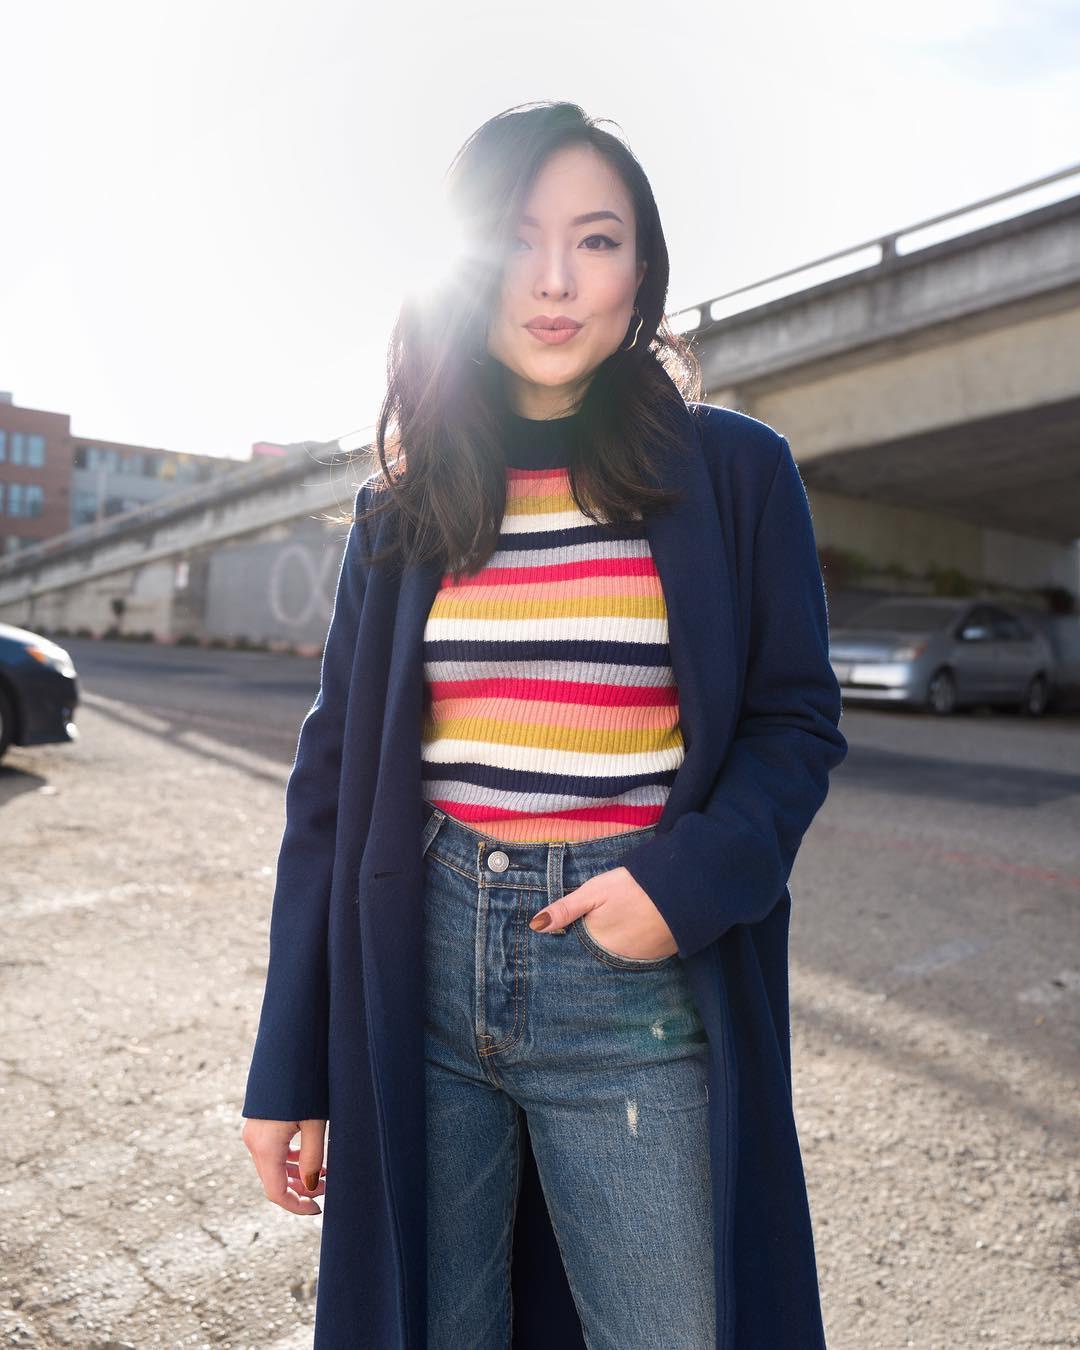 Diện mãi áo len trơn cũng chán, đổi sang áo len họa tiết mặc vừa đẹp lại chẳng lo lỗi mốt-5